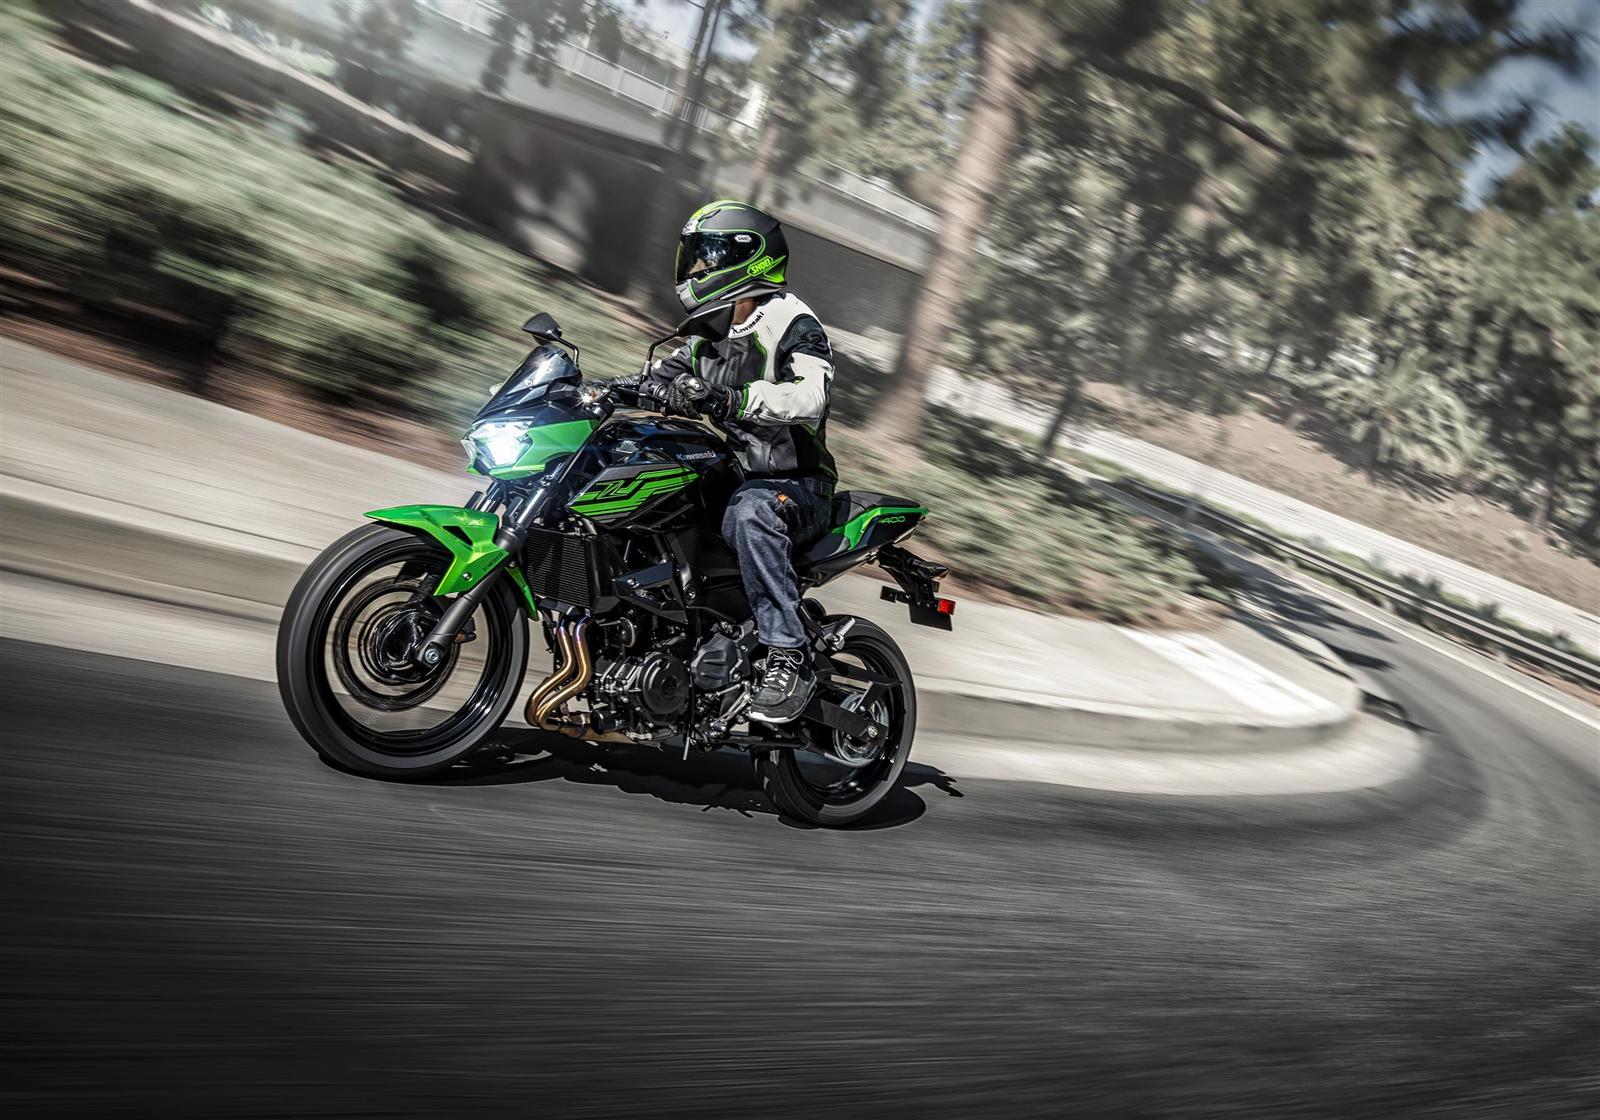 Kawasaki Z400 2019 action 4